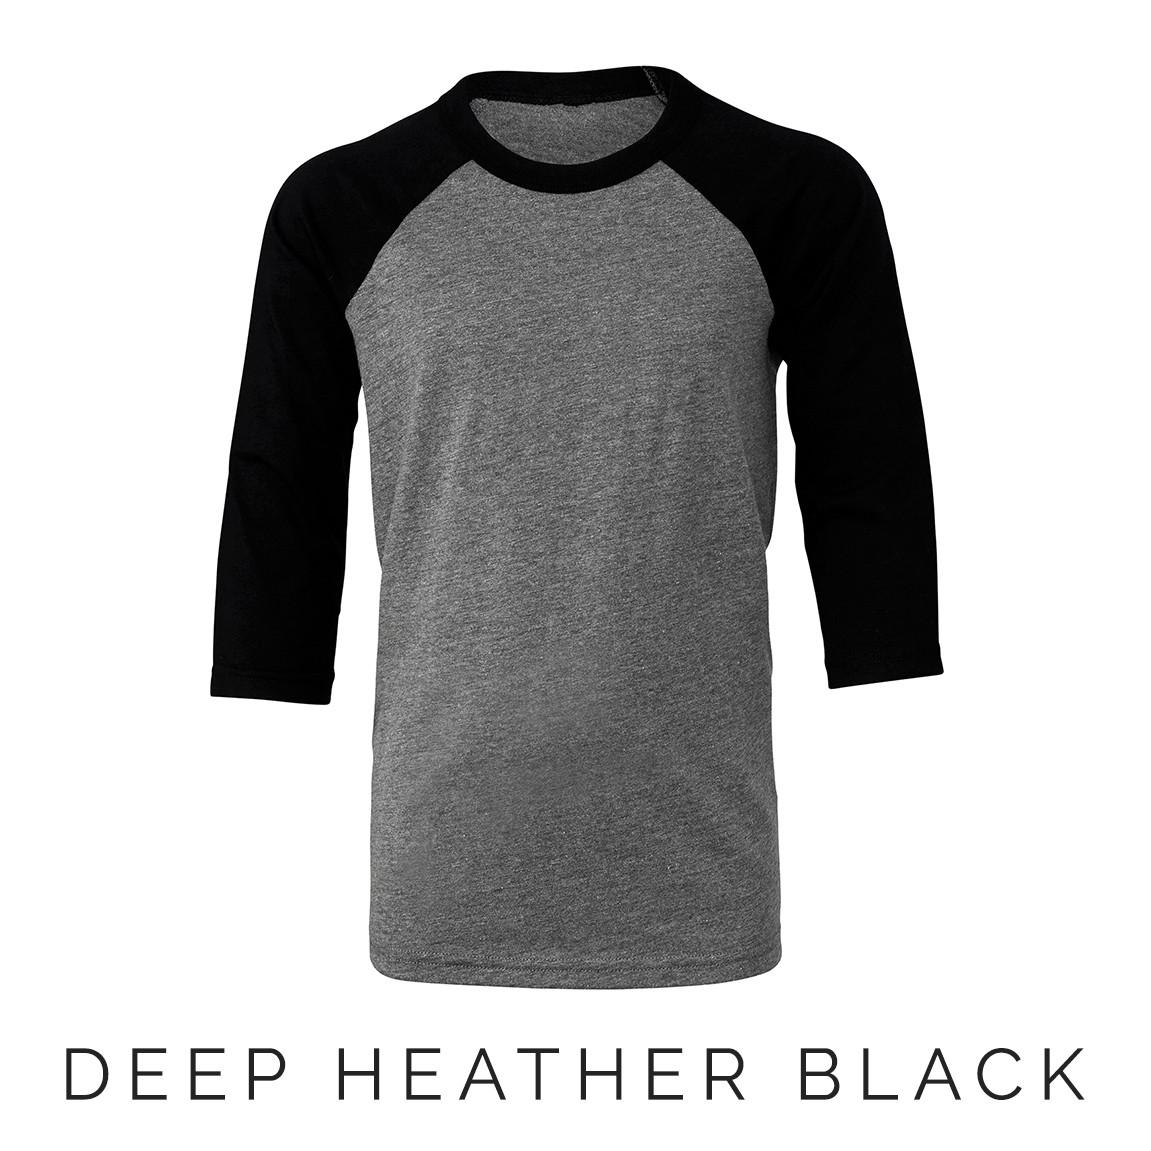 BE218_DeepHeather_Black_FT.jpg